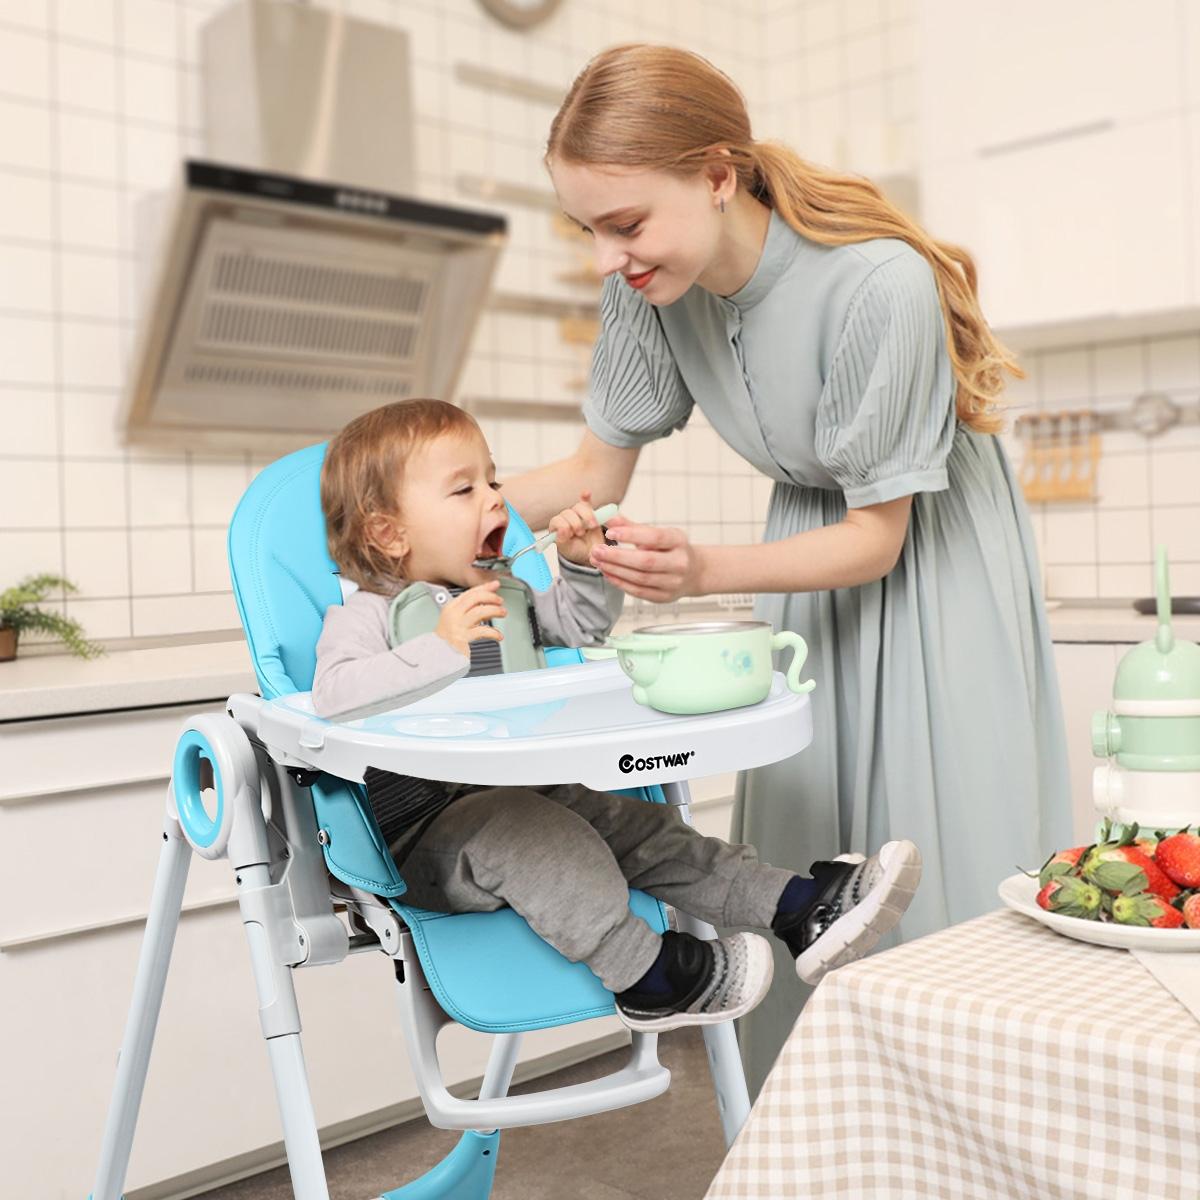 Costway Seggiolone regolabile per bambino con vassoio Altalena neonato multiuso 100x72x56cm Blu